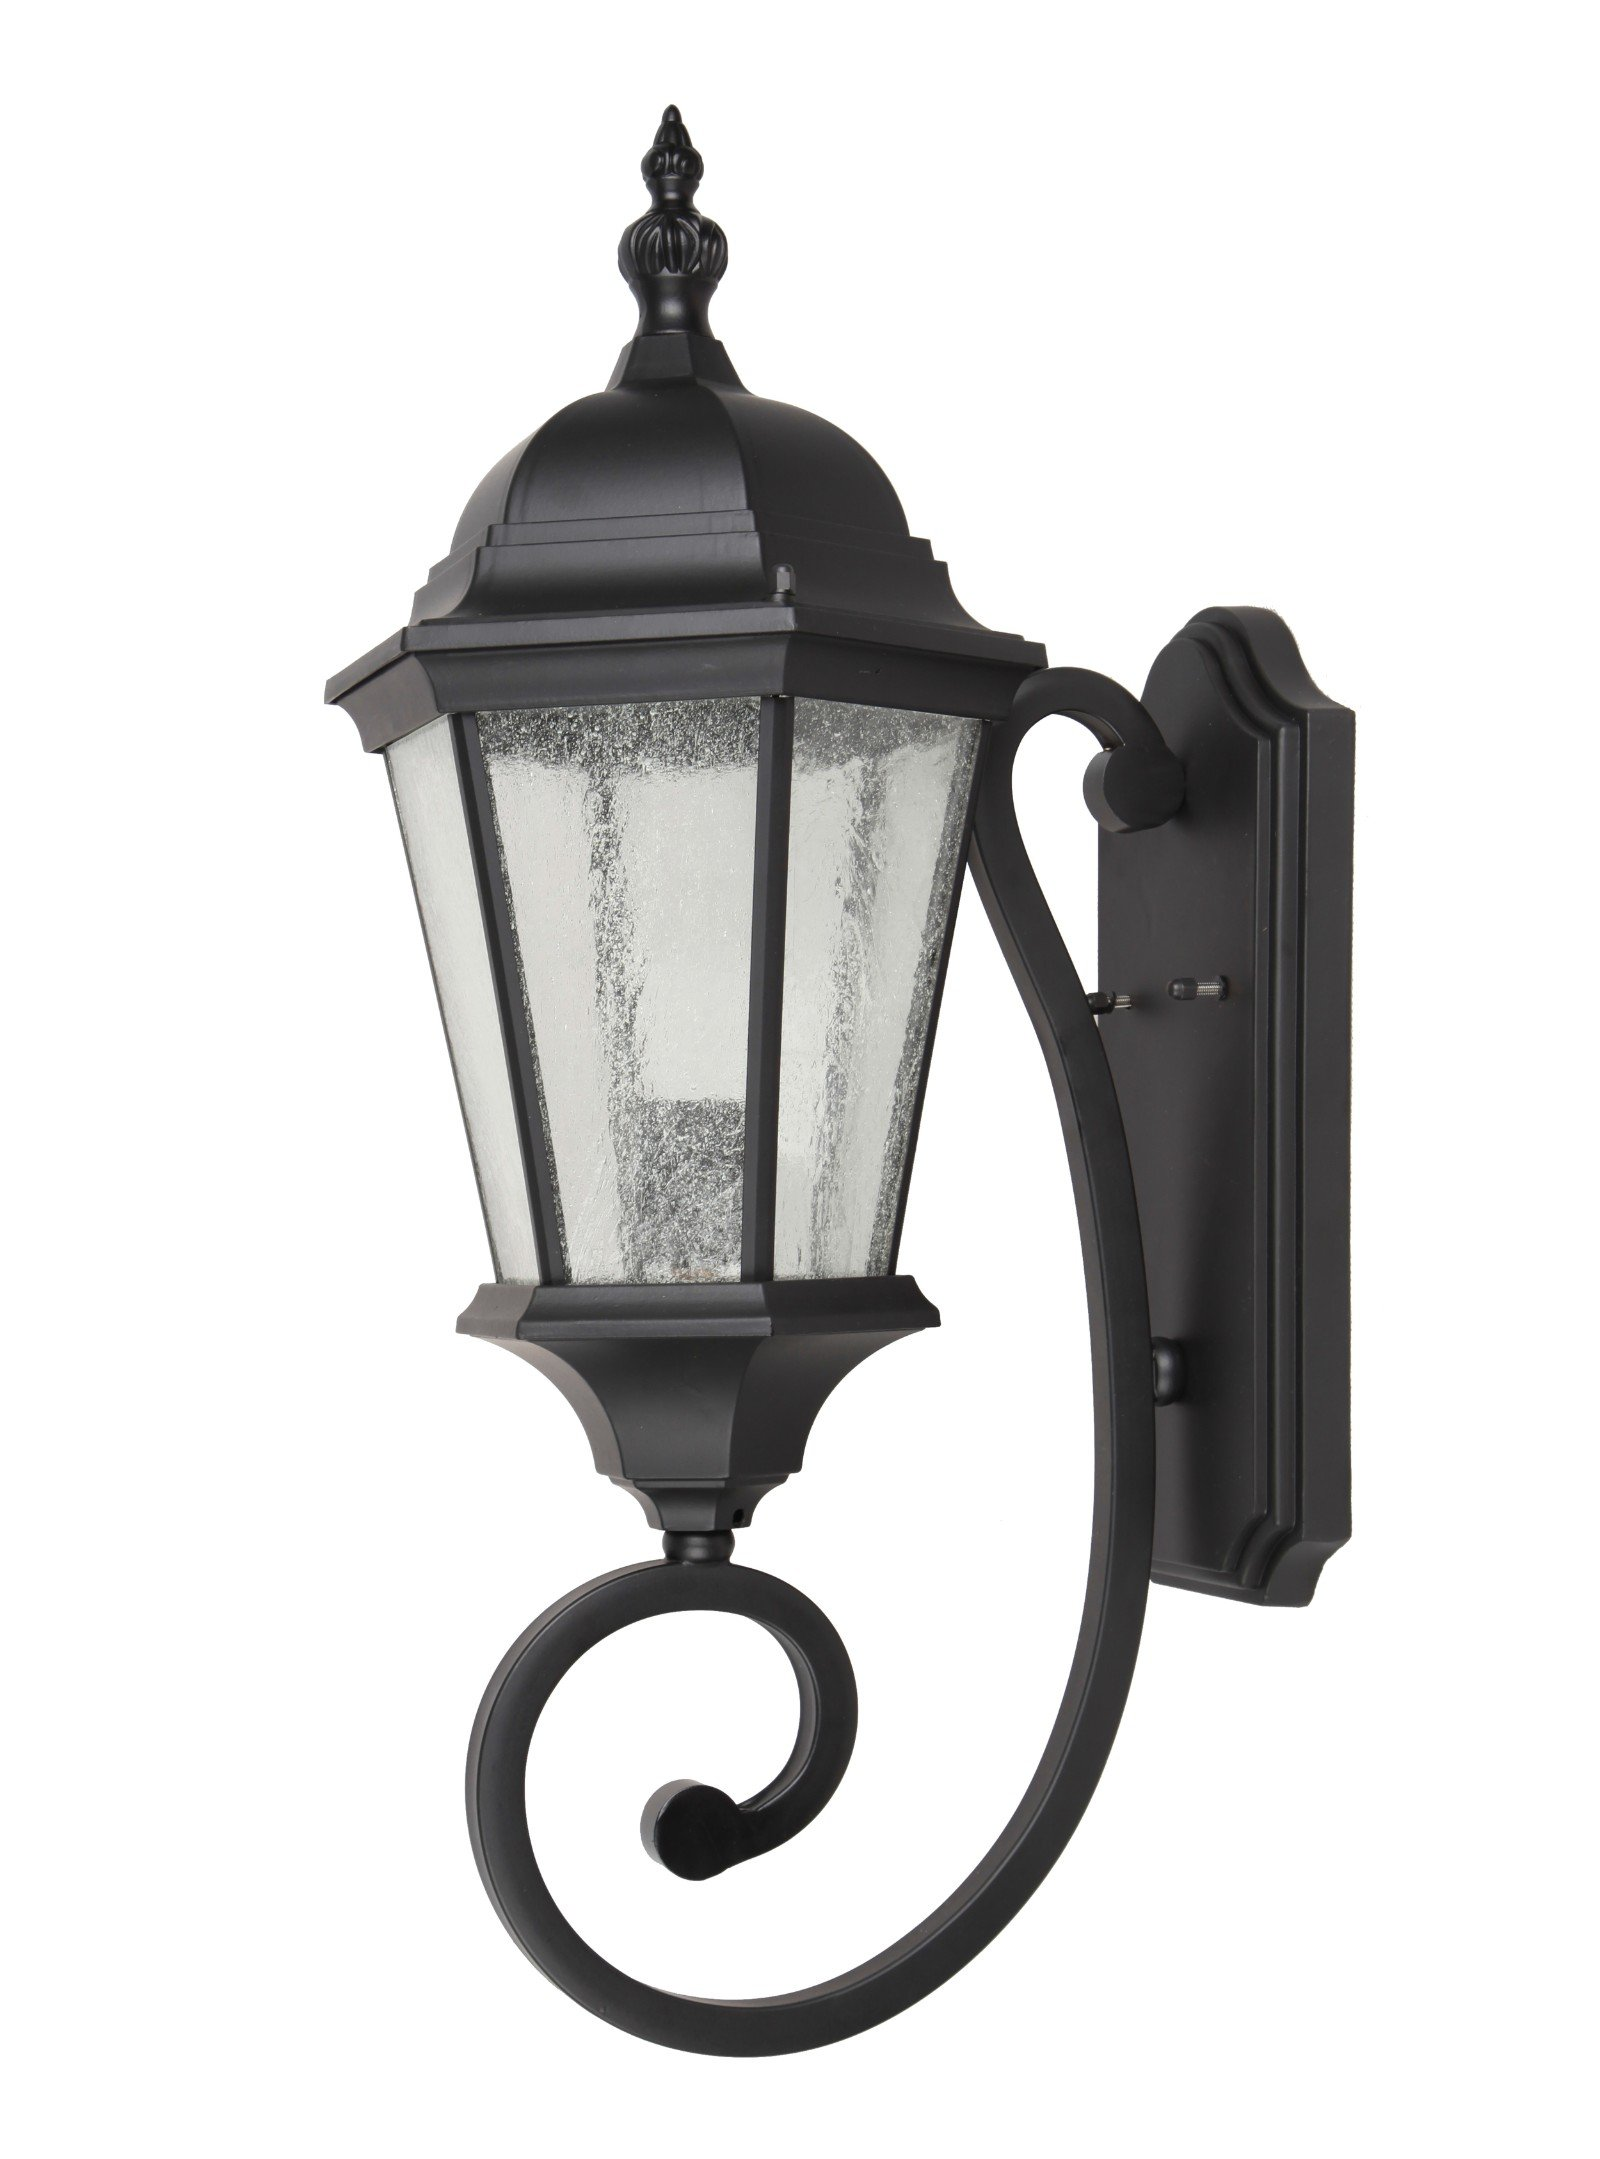 Elitco Lighting OD2601 Black-Light-Fixtures Outdoor Wall W8'' E12.25'' H24.5'' E26 100W